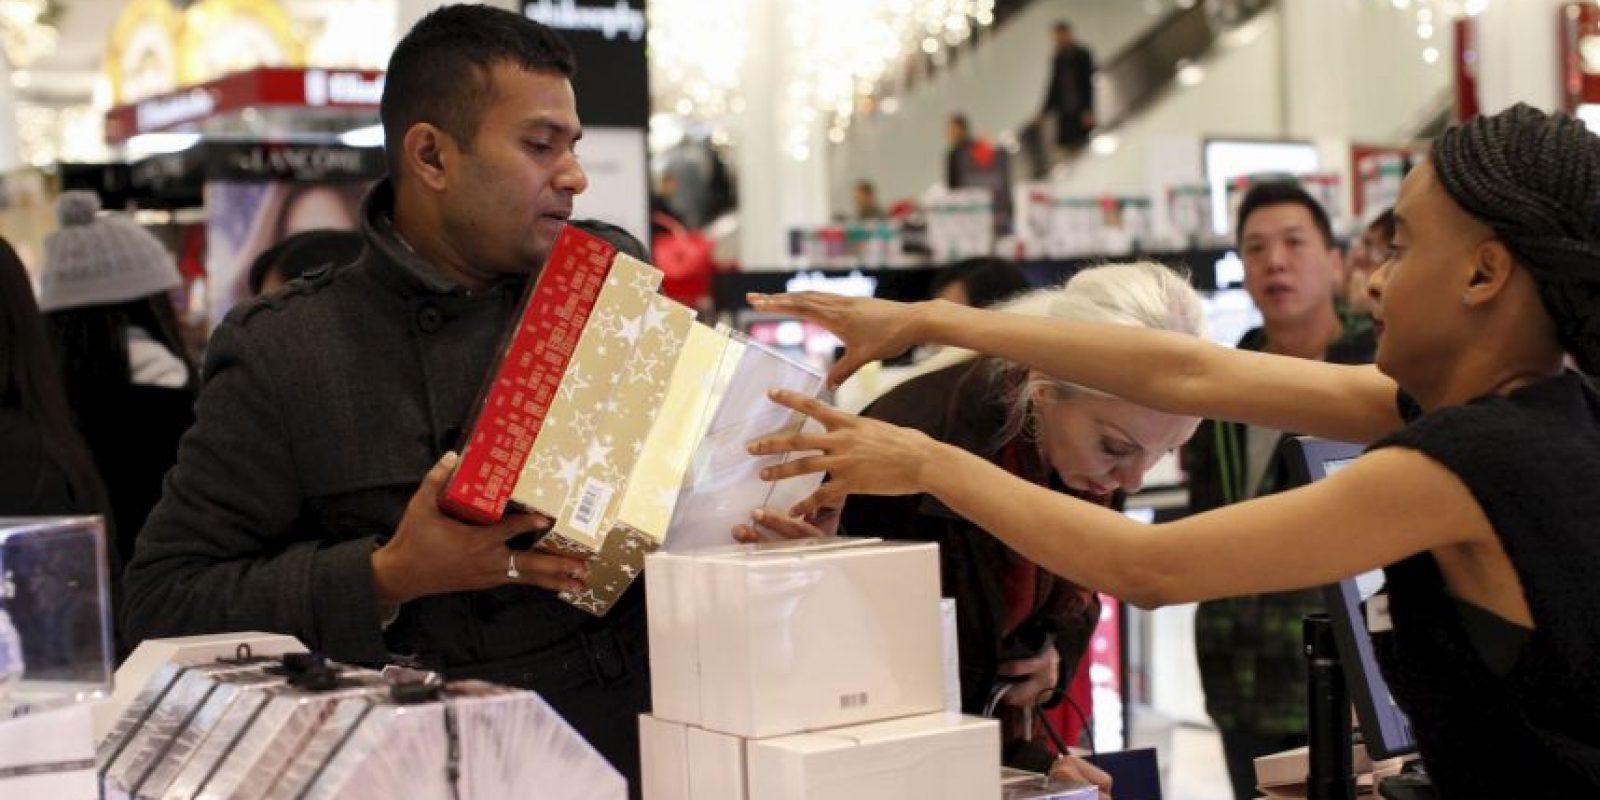 Comenzó el día de ventas más esperado en Estados Unidos Foto:Getty Images